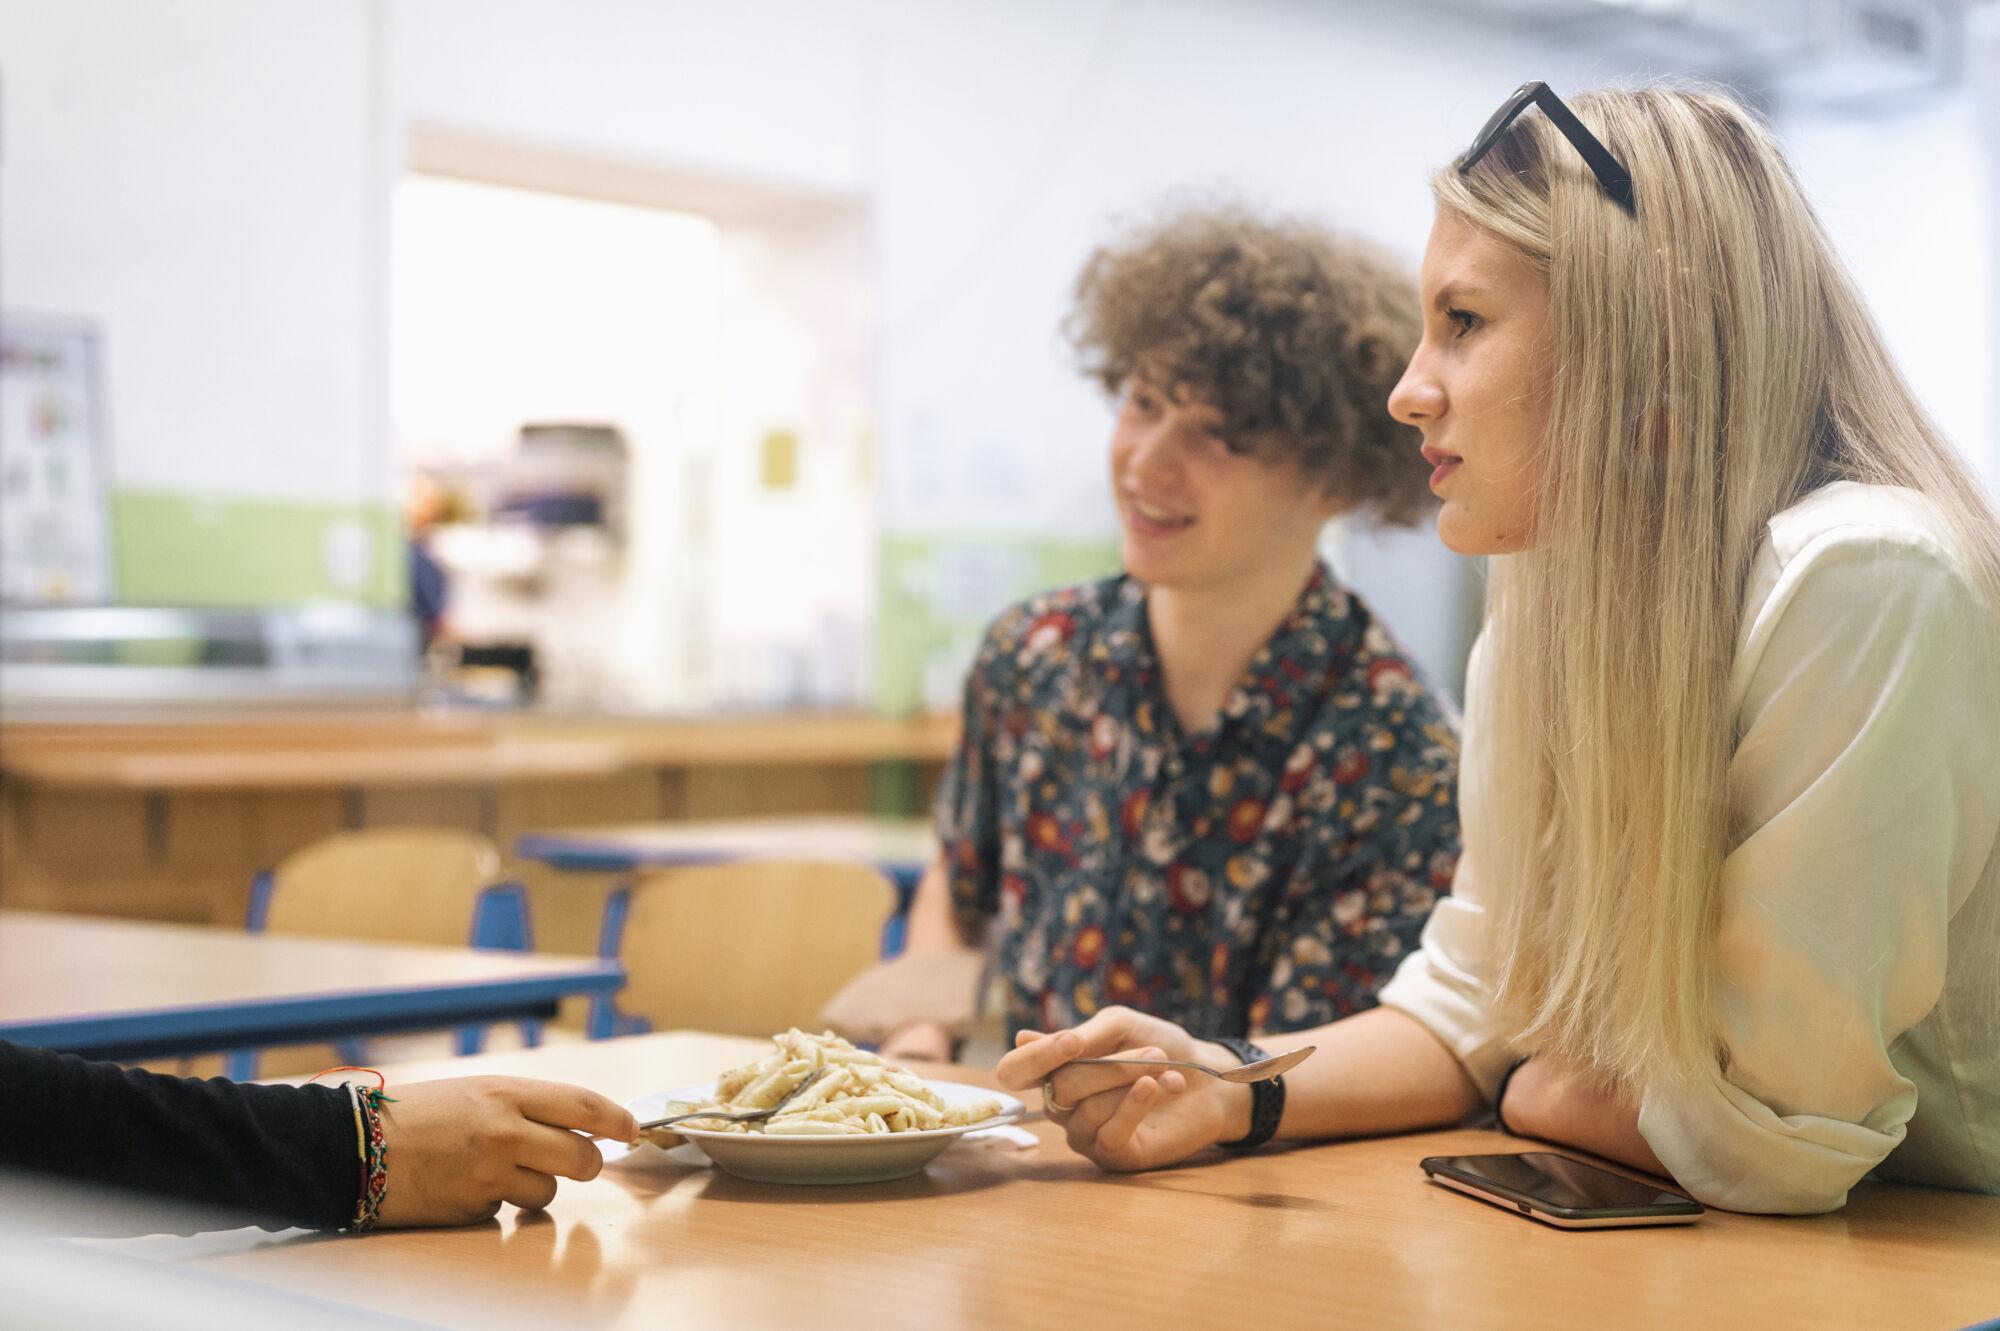 školní jídelna, studenti Trojského gymnázia naobědě, komunikace